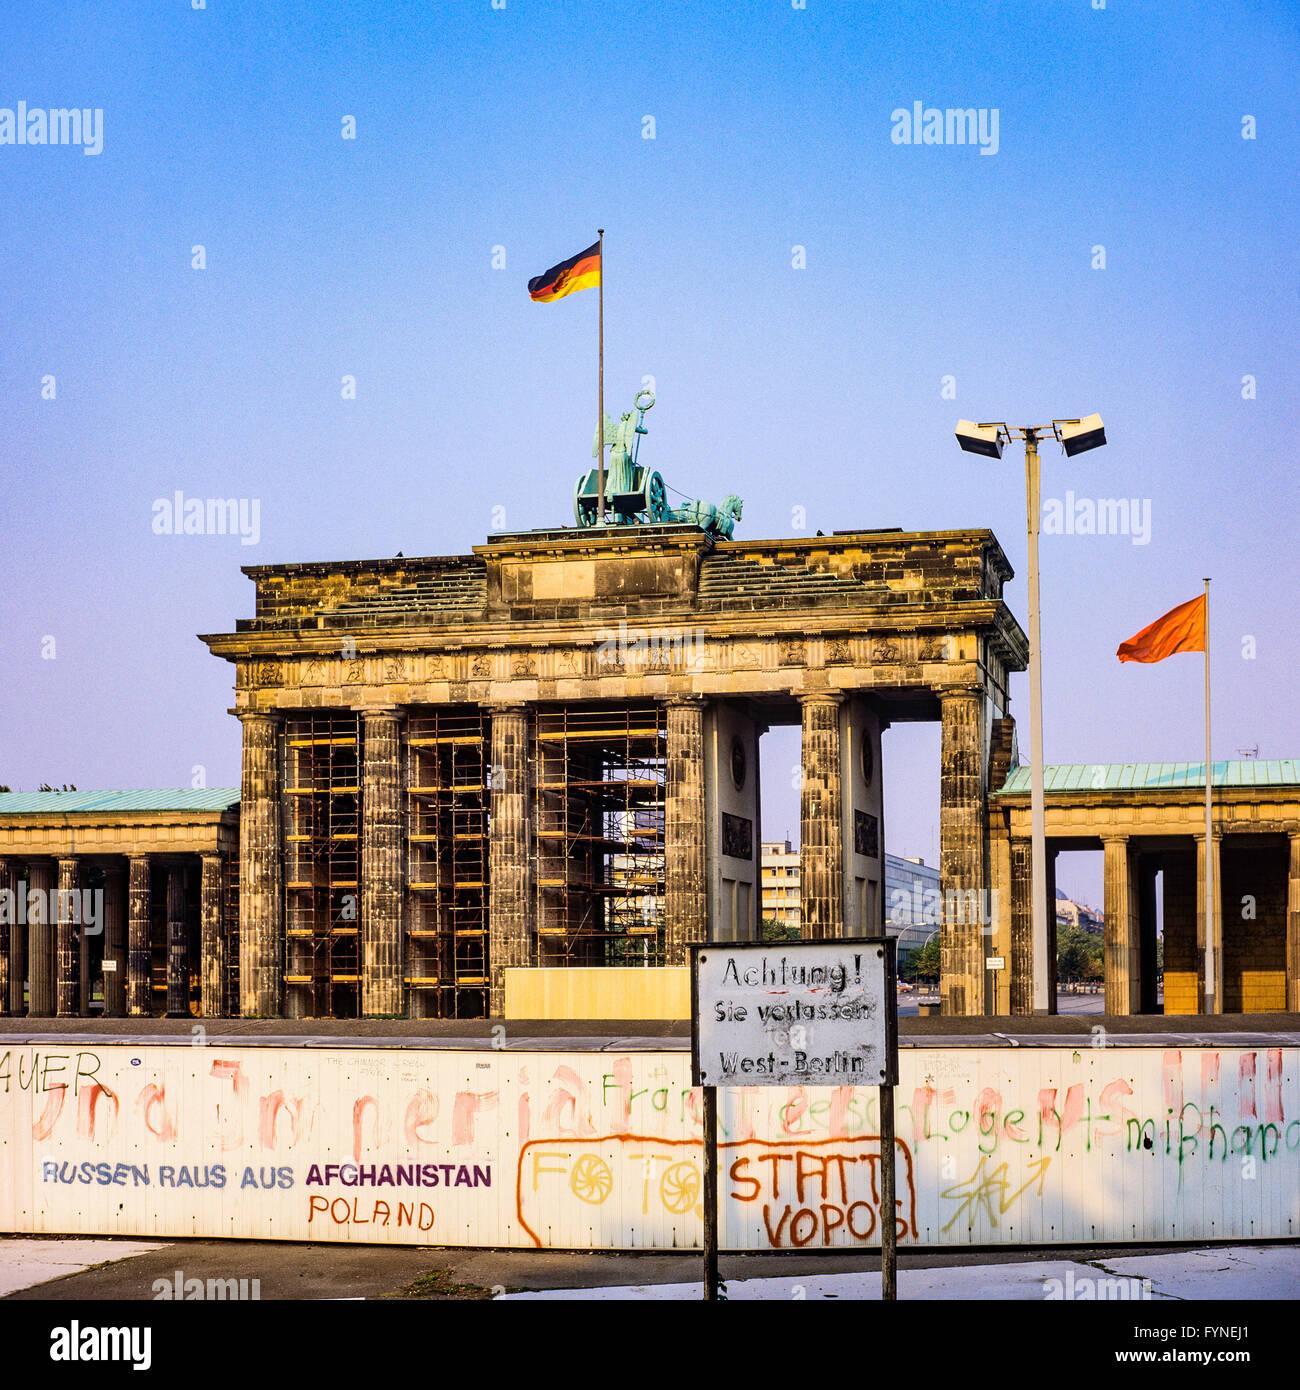 Agosto de 1986, el muro de Berlín y la Puerta de Brandenburgo en Berlín Oriental, Berlín occidental, Imagen De Stock